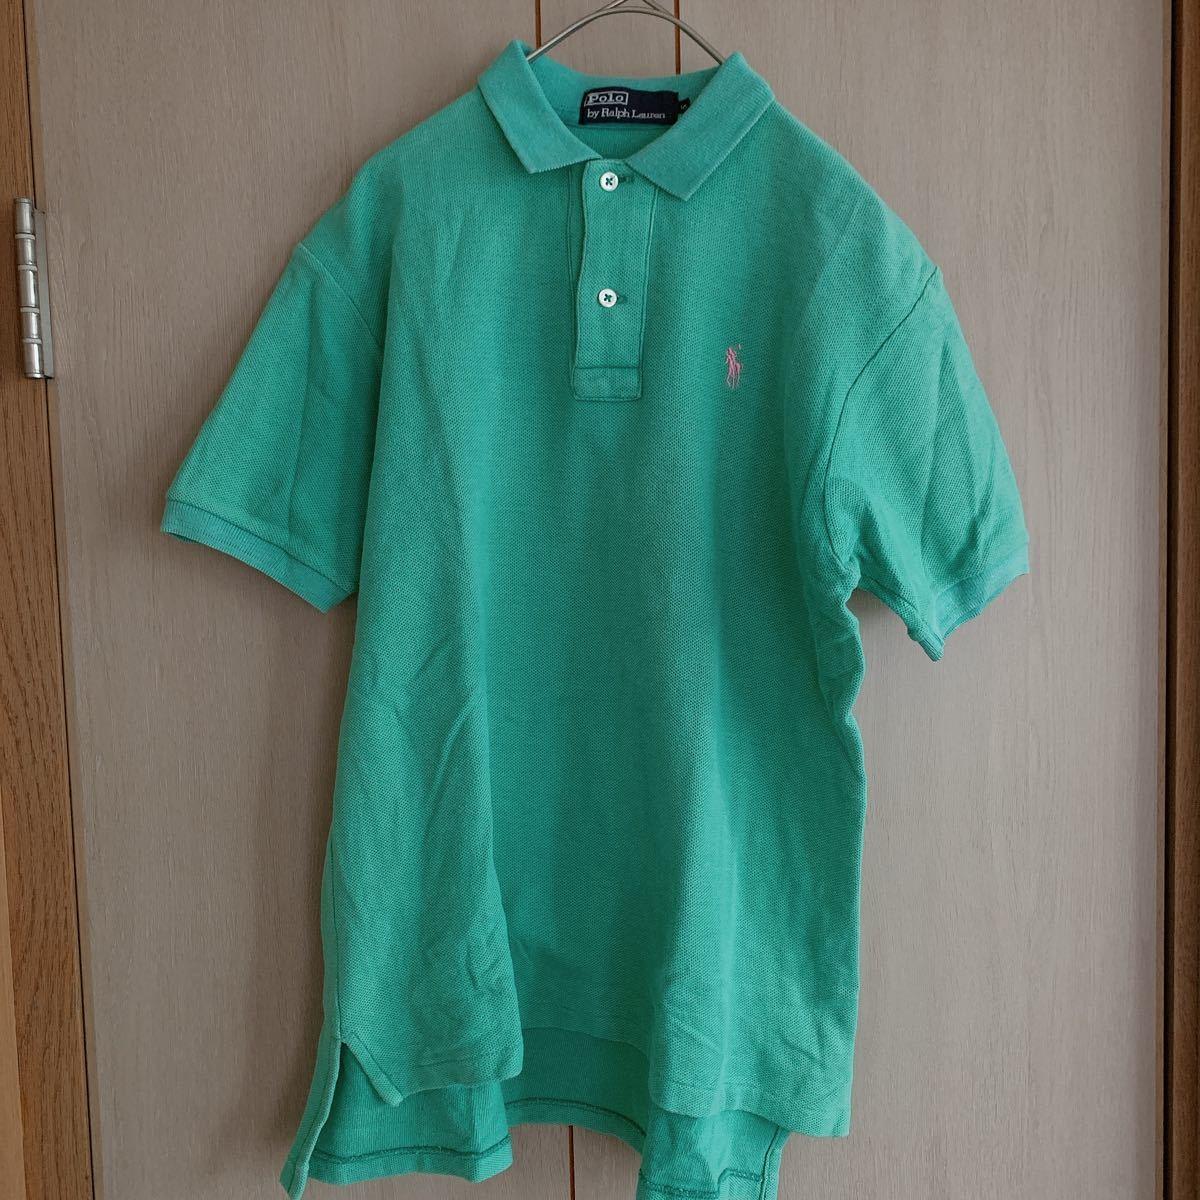 ポロラルフローレン ポニー刺繍鹿の子ポロシャツ